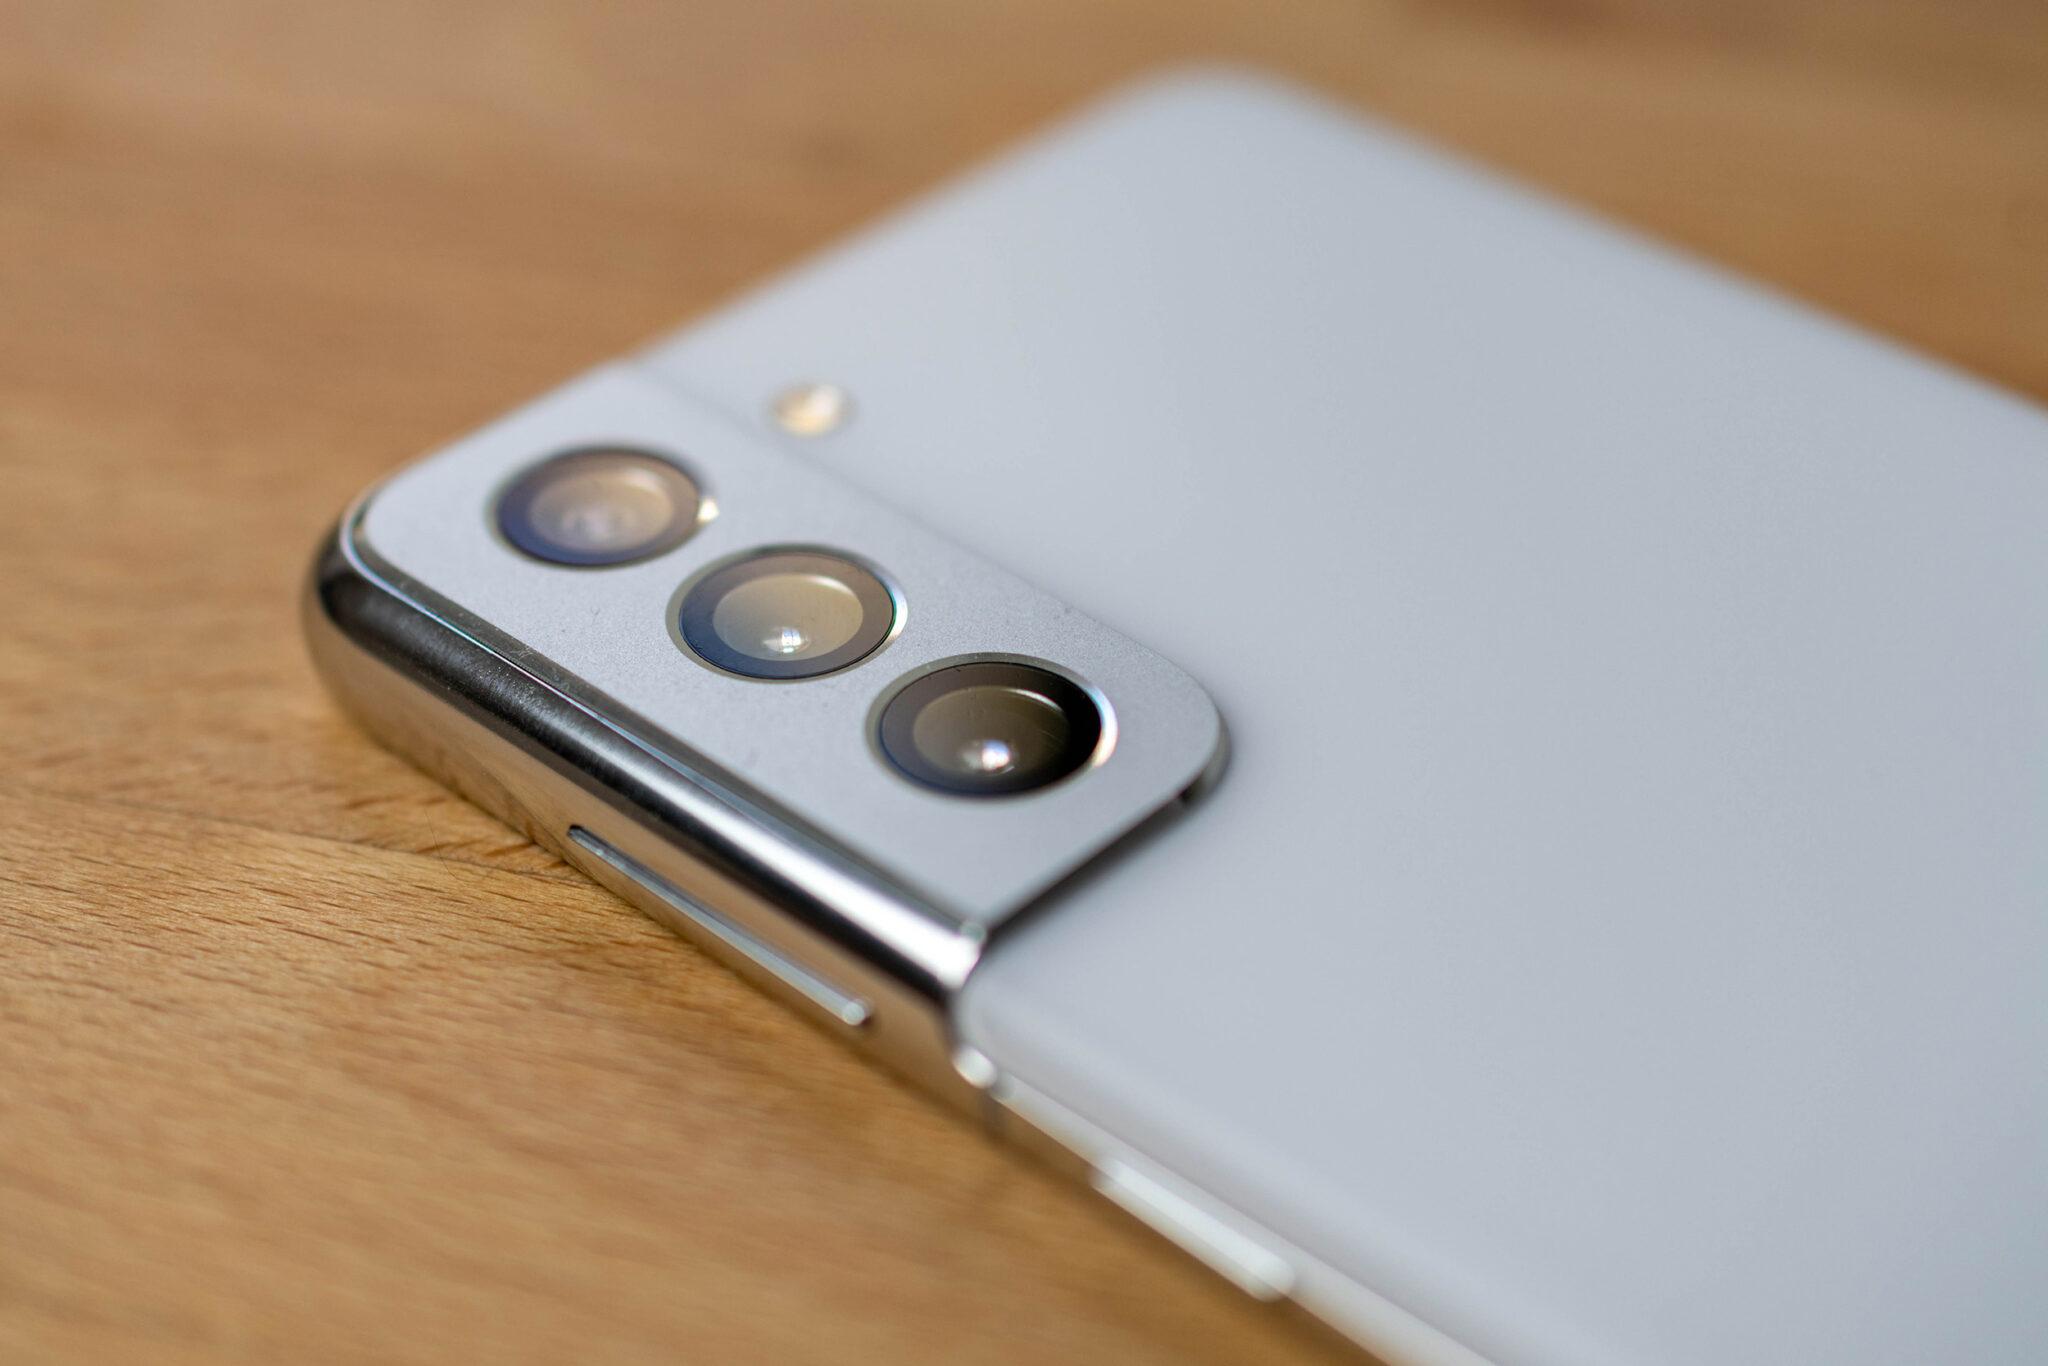 Die Triple-Kamera des Galaxy S21 verfügt leider über keinen optischen Zoom